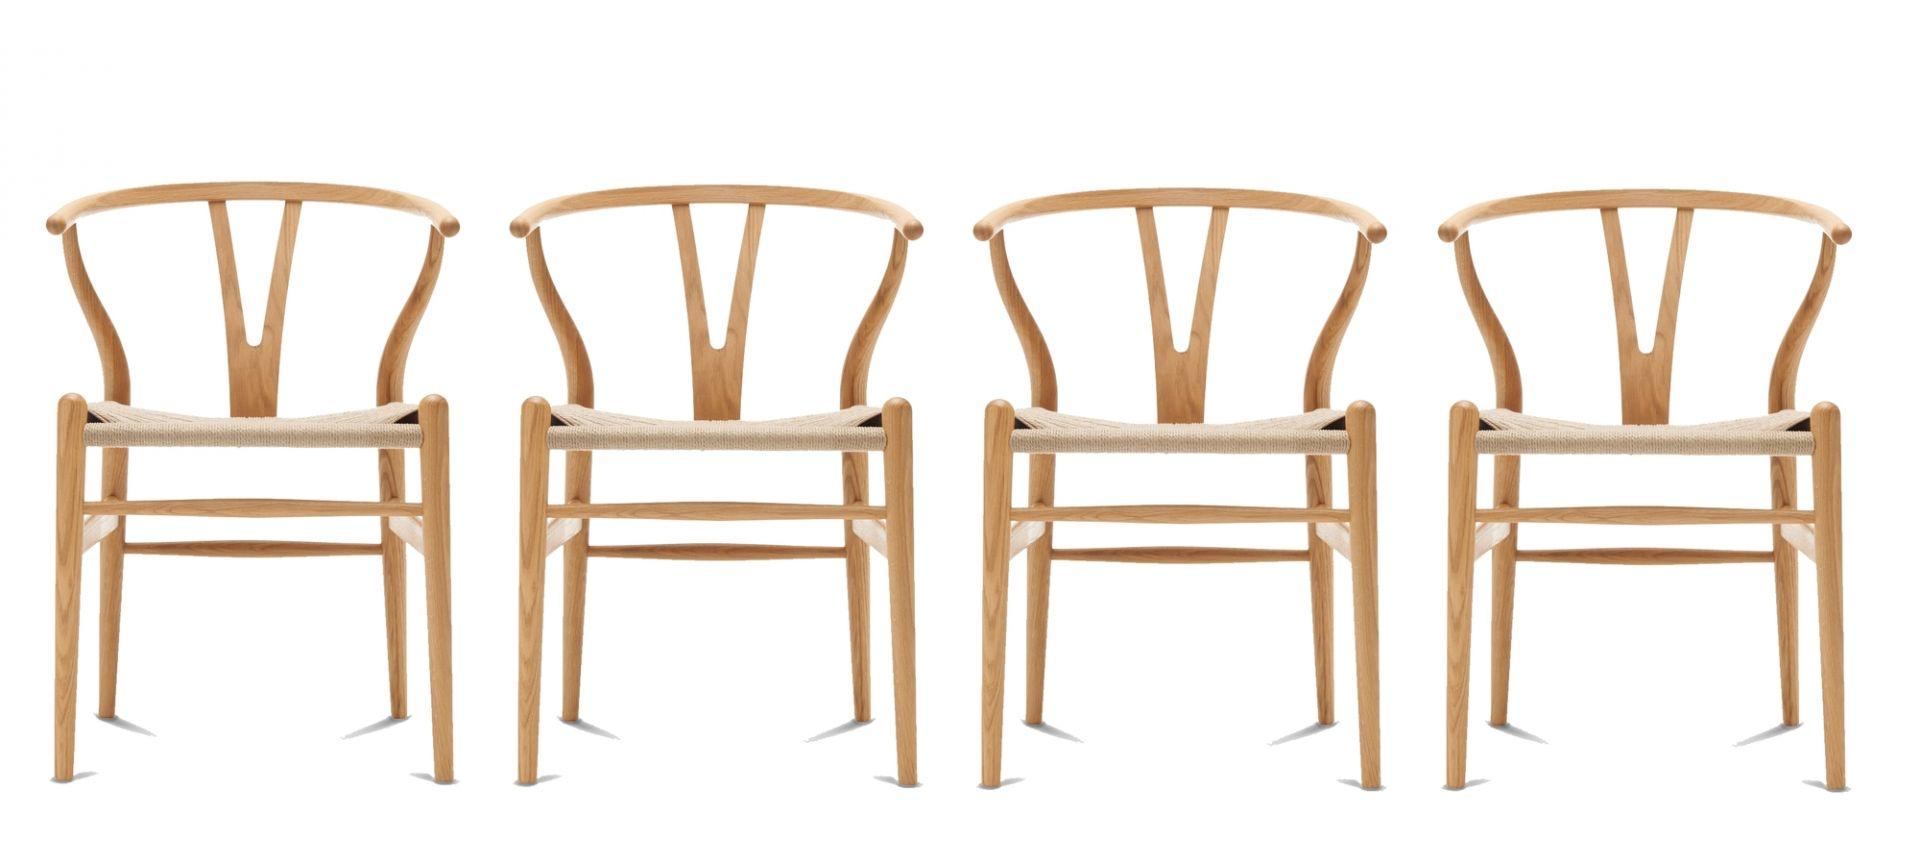 CH24 Wishbone Chair / Y-Chair Stuhl Eiche geölt 4-er Set Carl Hansen & Søn